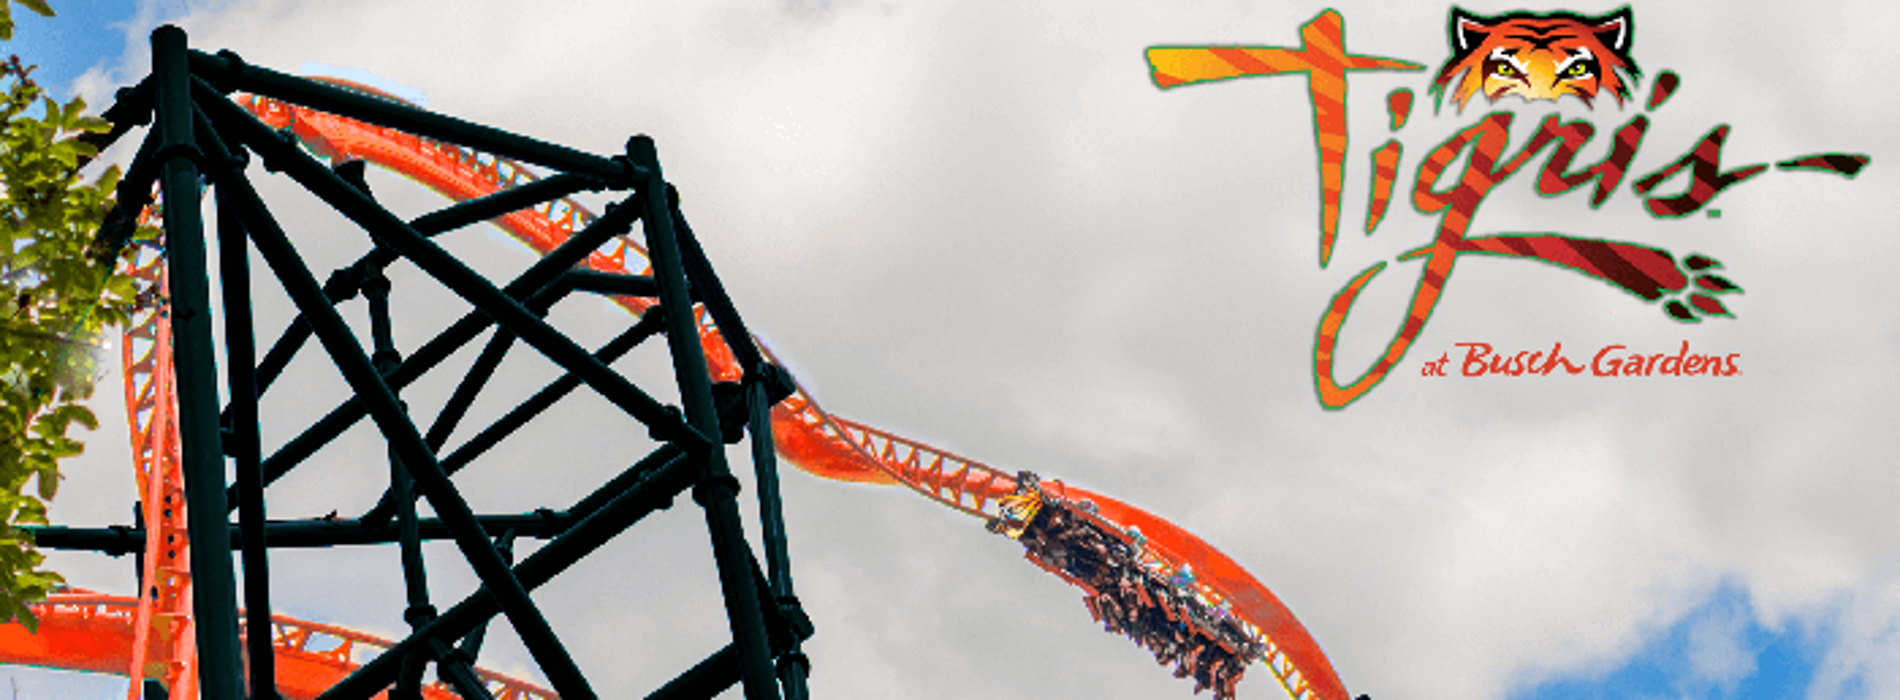 Tigris concept art at Busch Gardens Tampa.